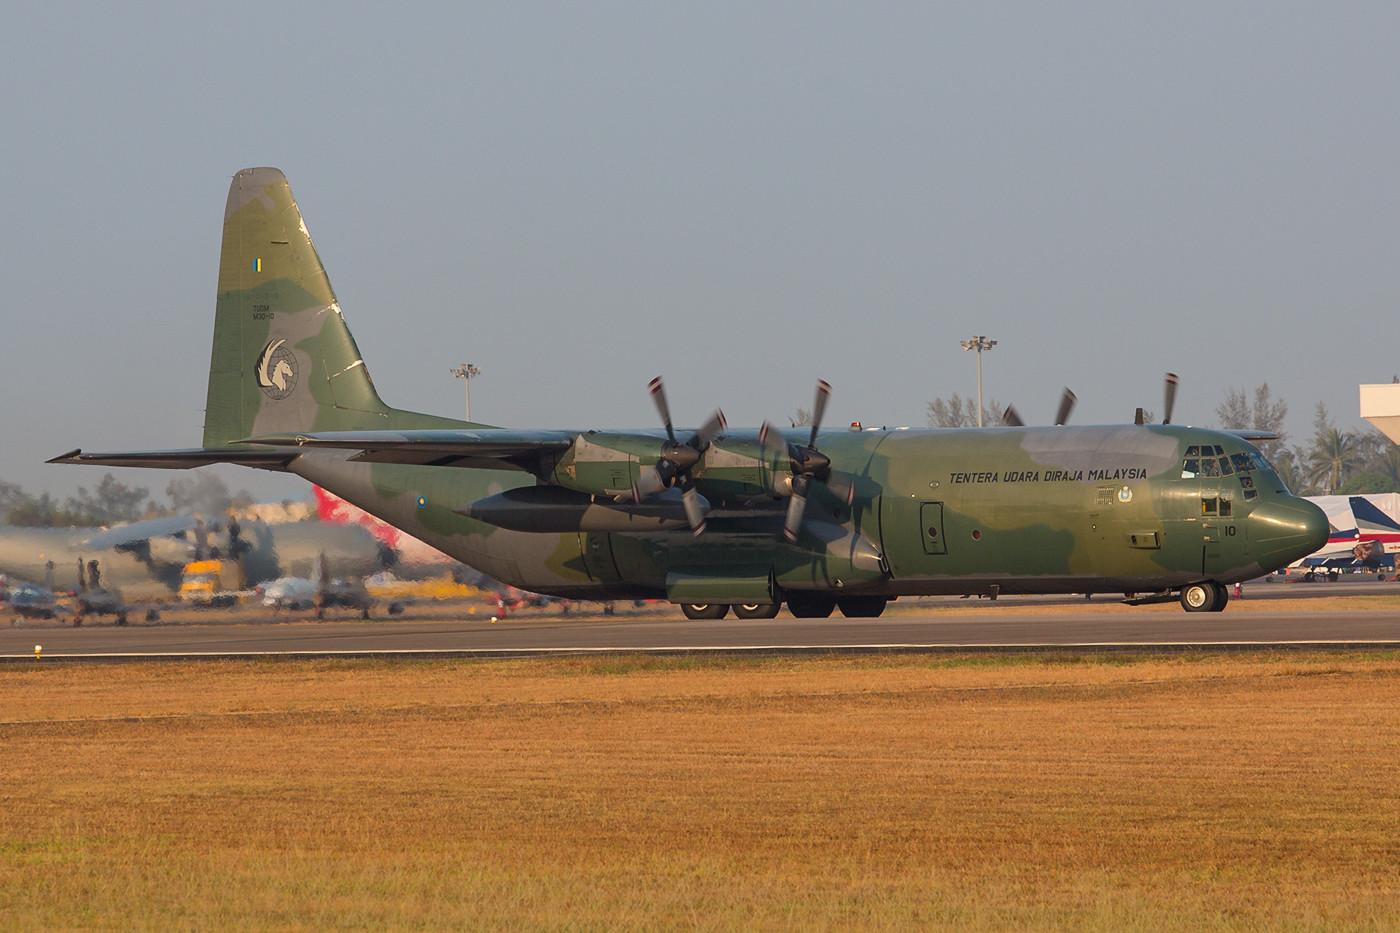 Die M30-10 war die einzige Hercules der TUDM, die in einem grünen Camouflagemuster flog.